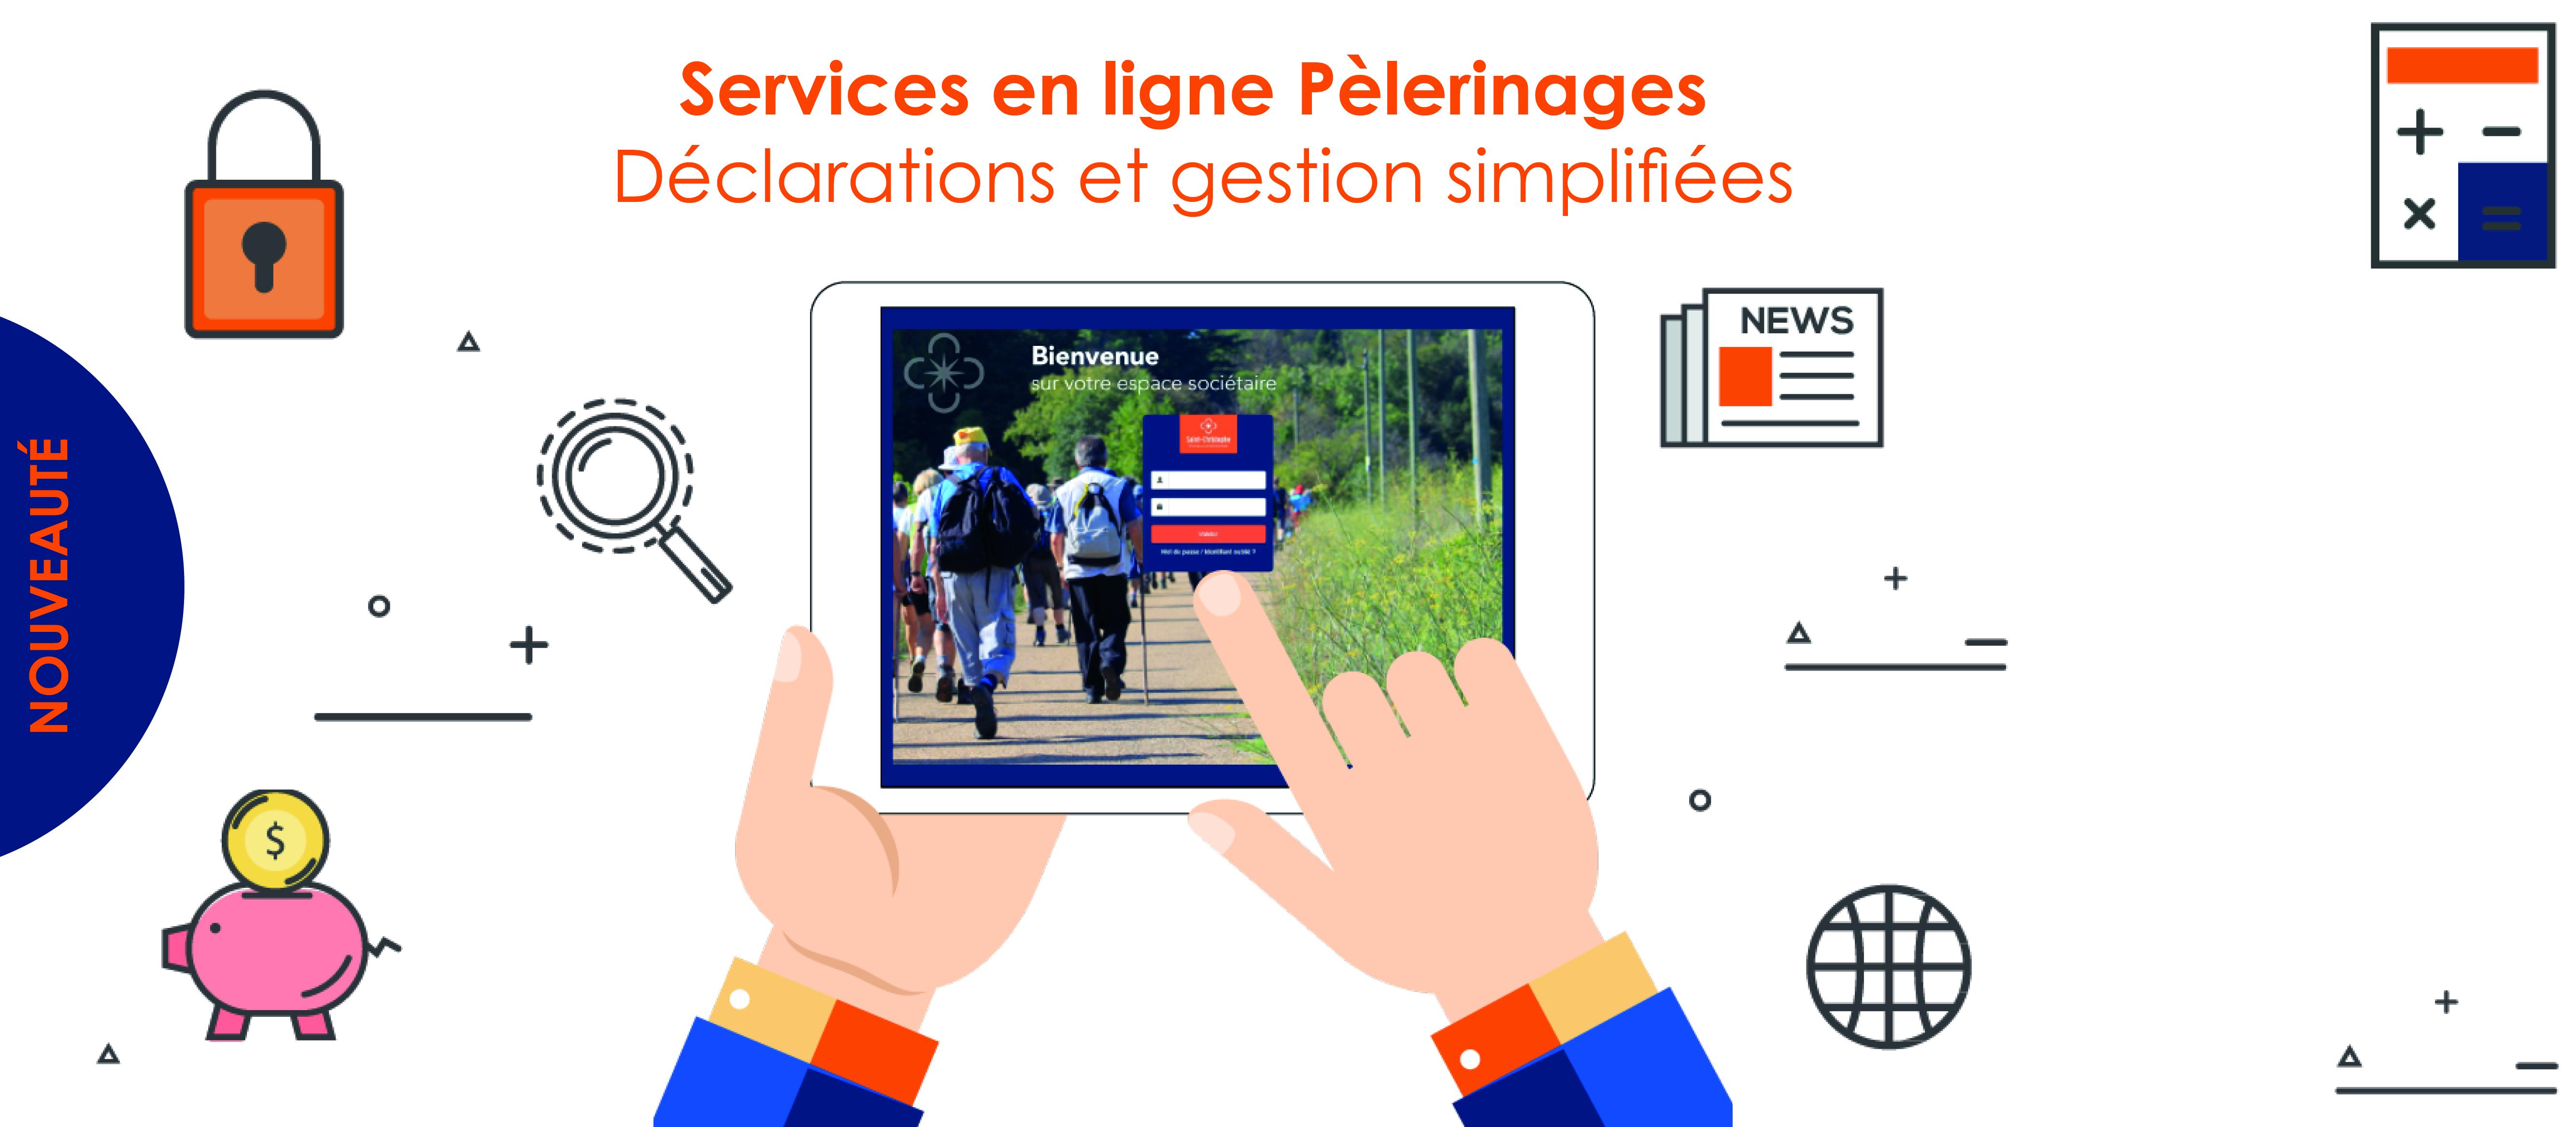 Service en ligne Pèlerinages